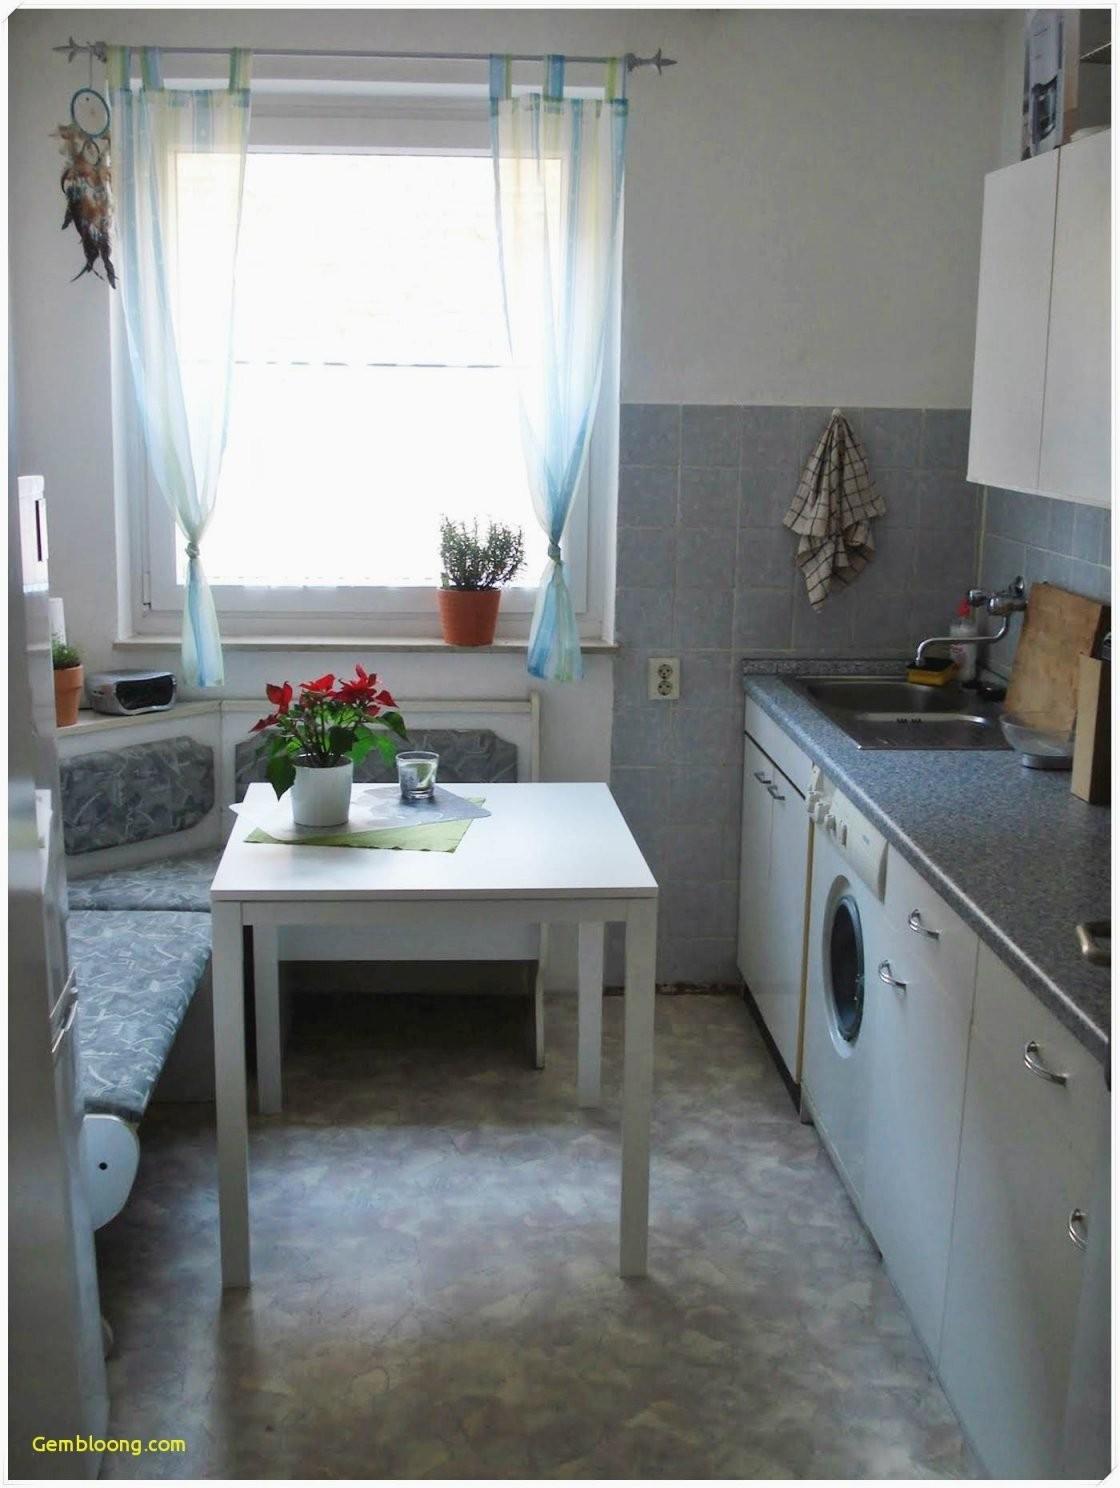 Kleine Küche Einrichten Bilder Bescheiden Kleine Küche Gestalten von Kleine Küche Gestalten Ideen Photo